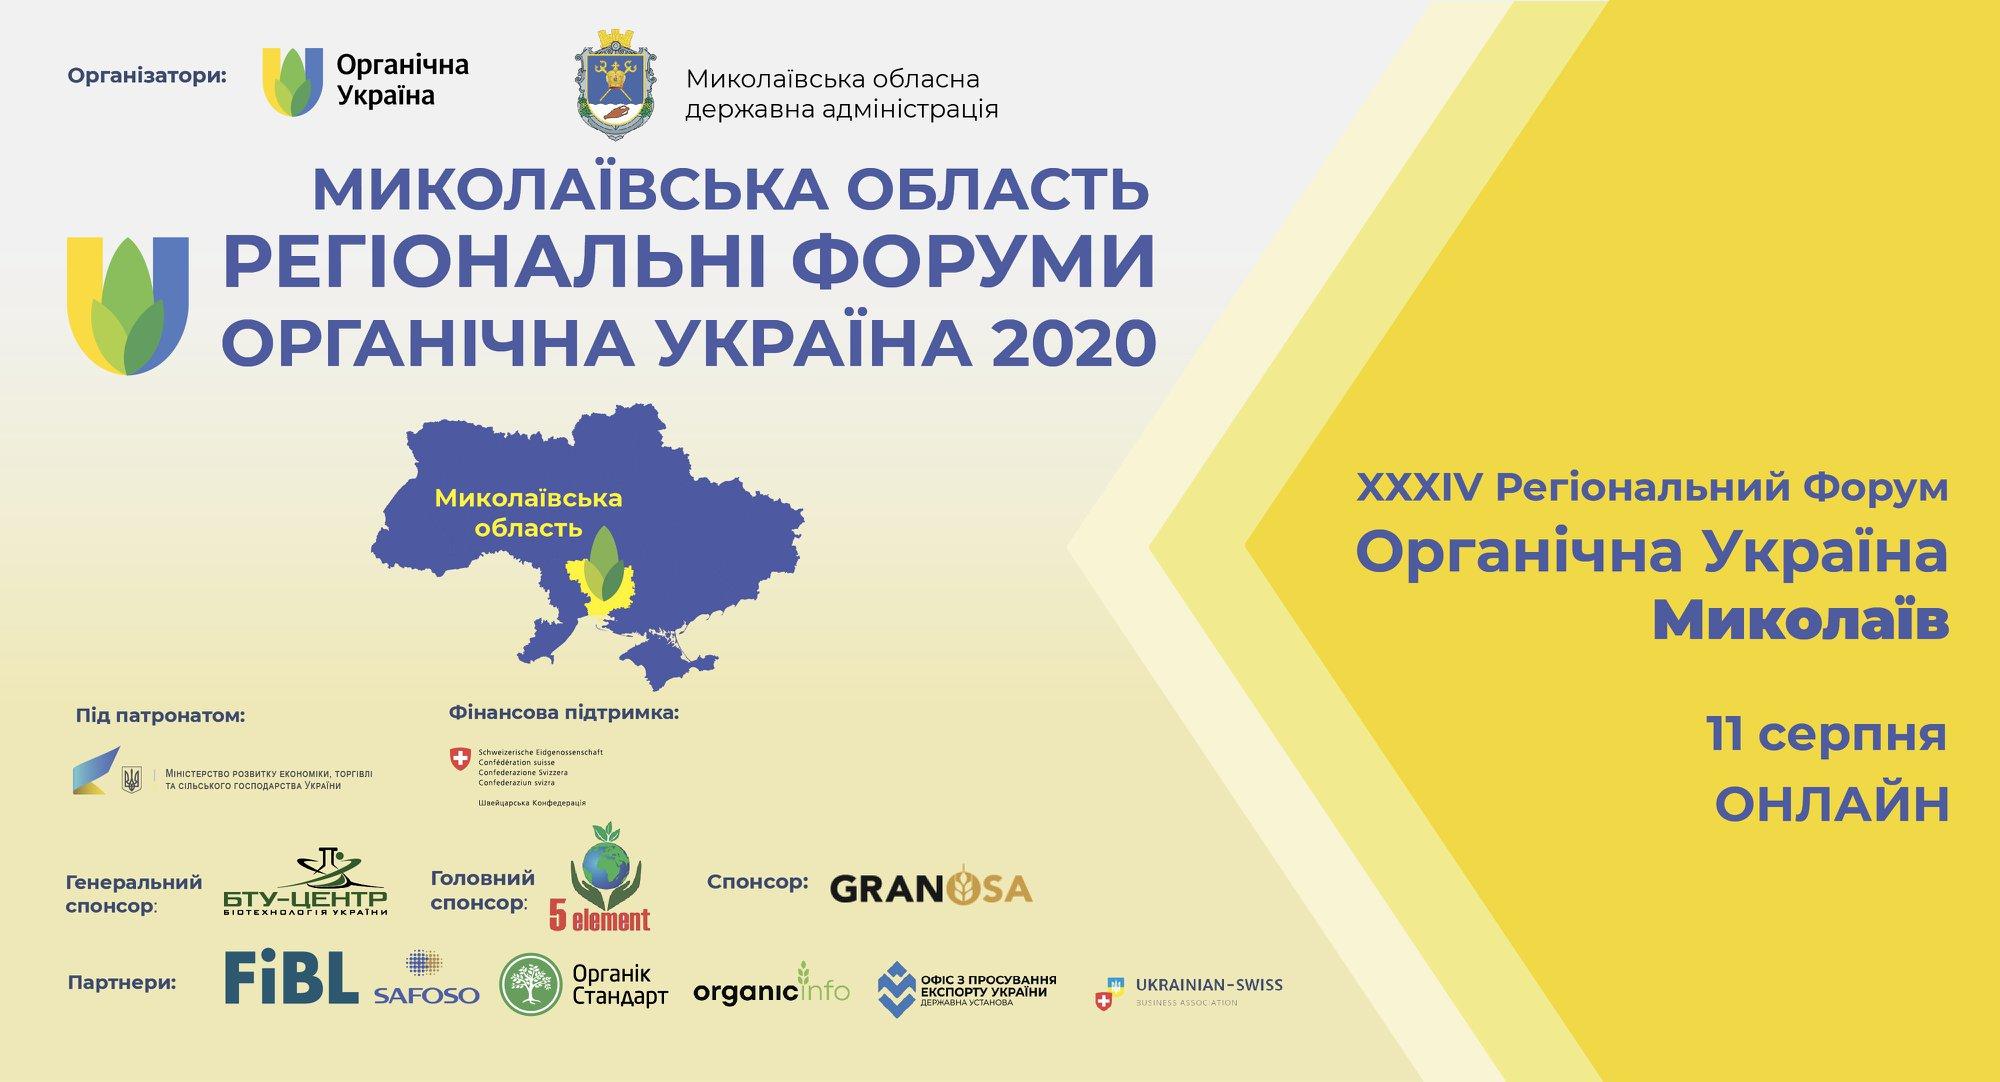 Миколаїв_регіональний форум